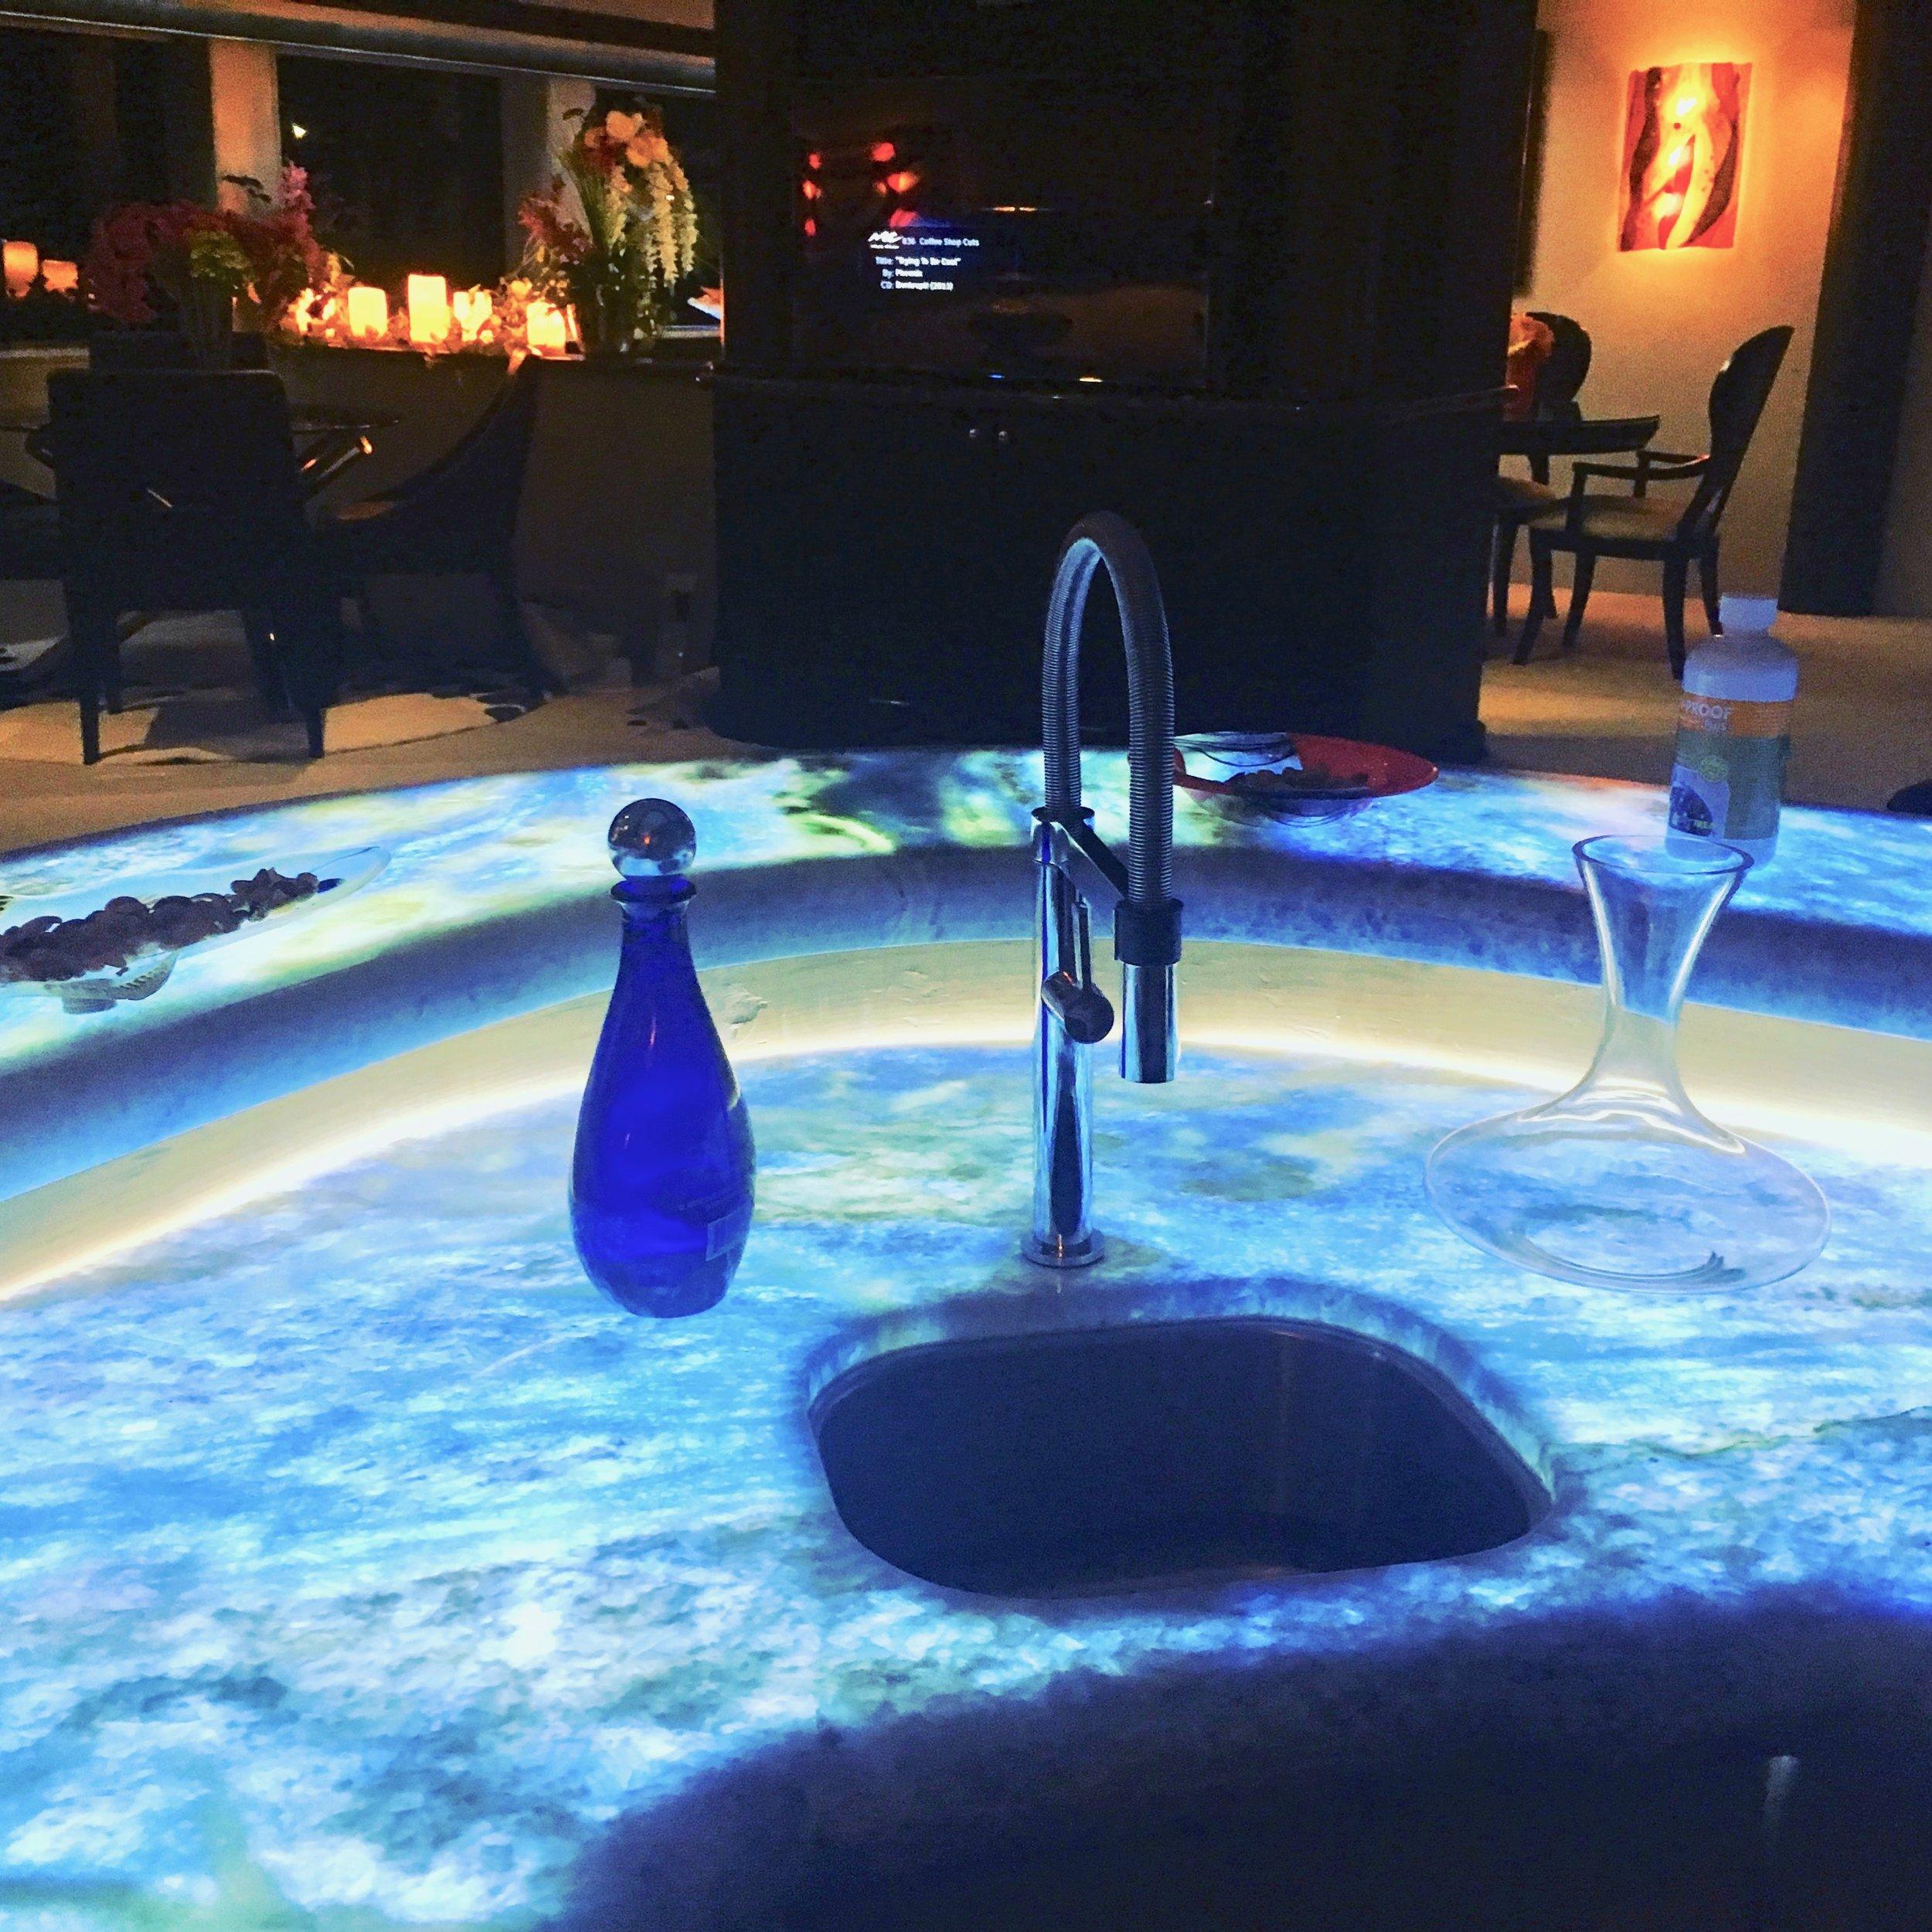 09 Salon bar night.jpg